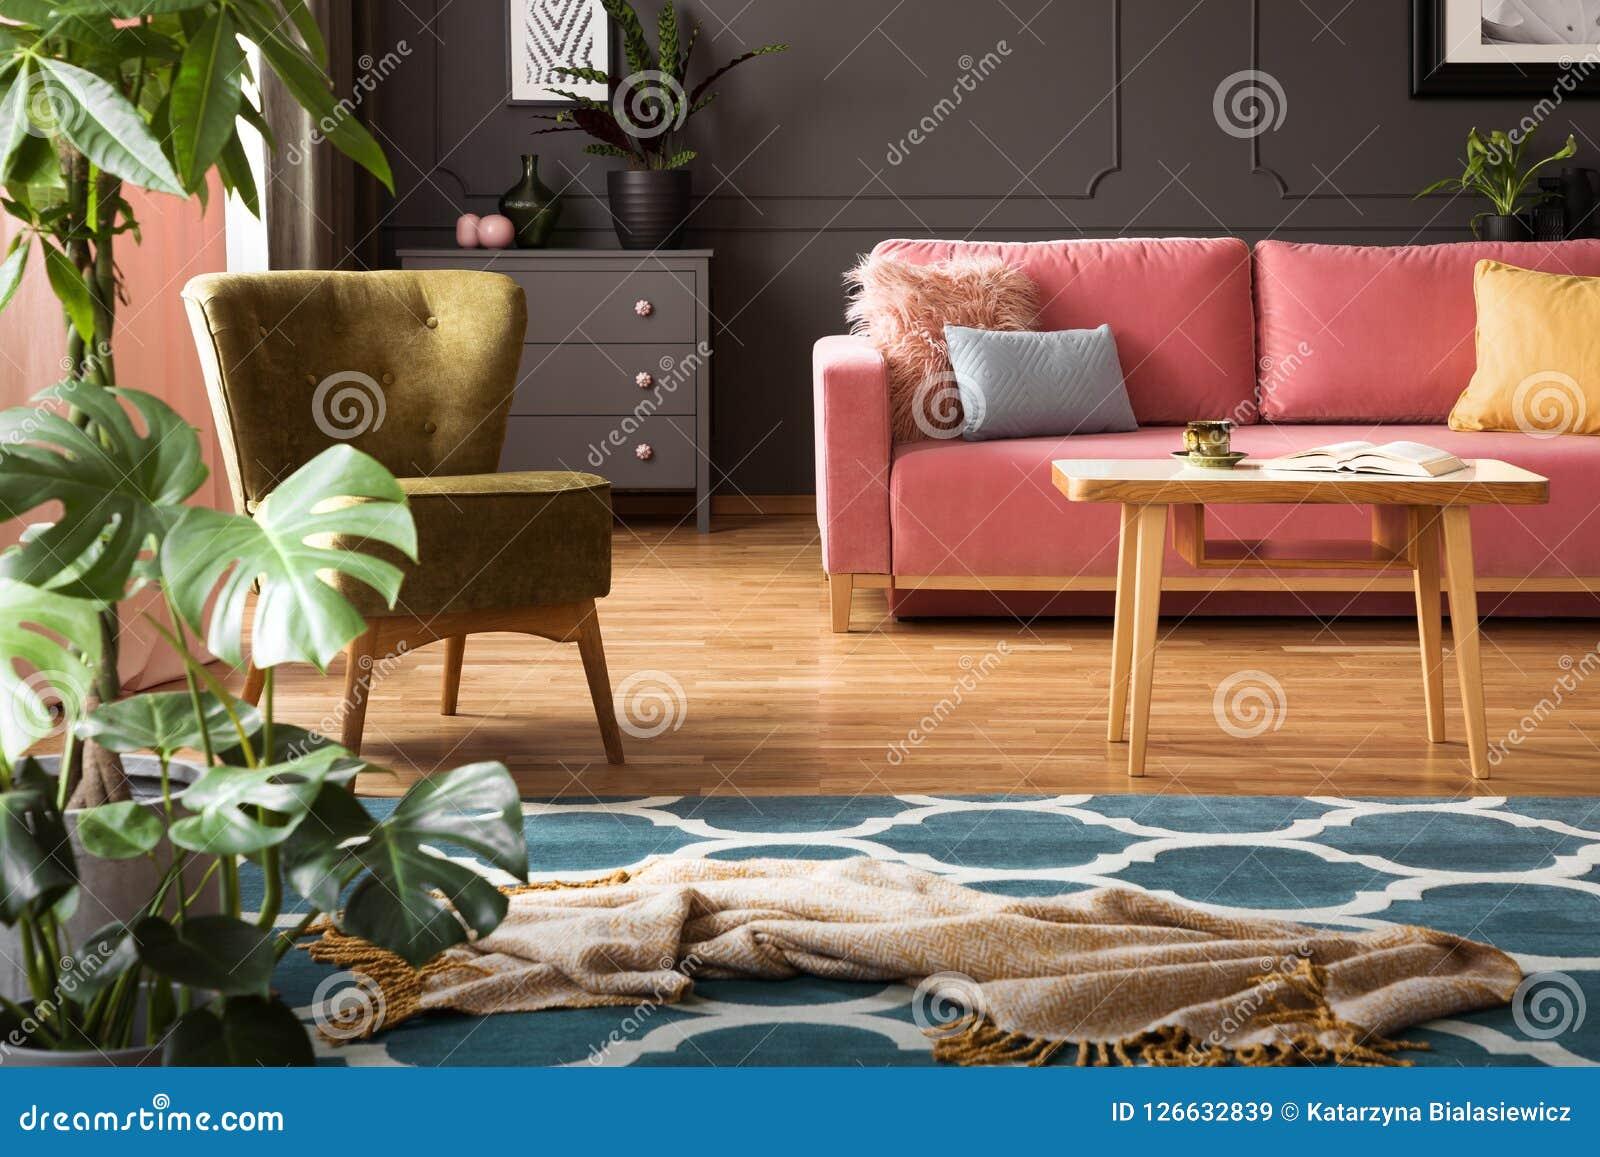 Tappeto Da Salotto Rosa : Foto reale della coperta disposta sul tappeto marocchino del